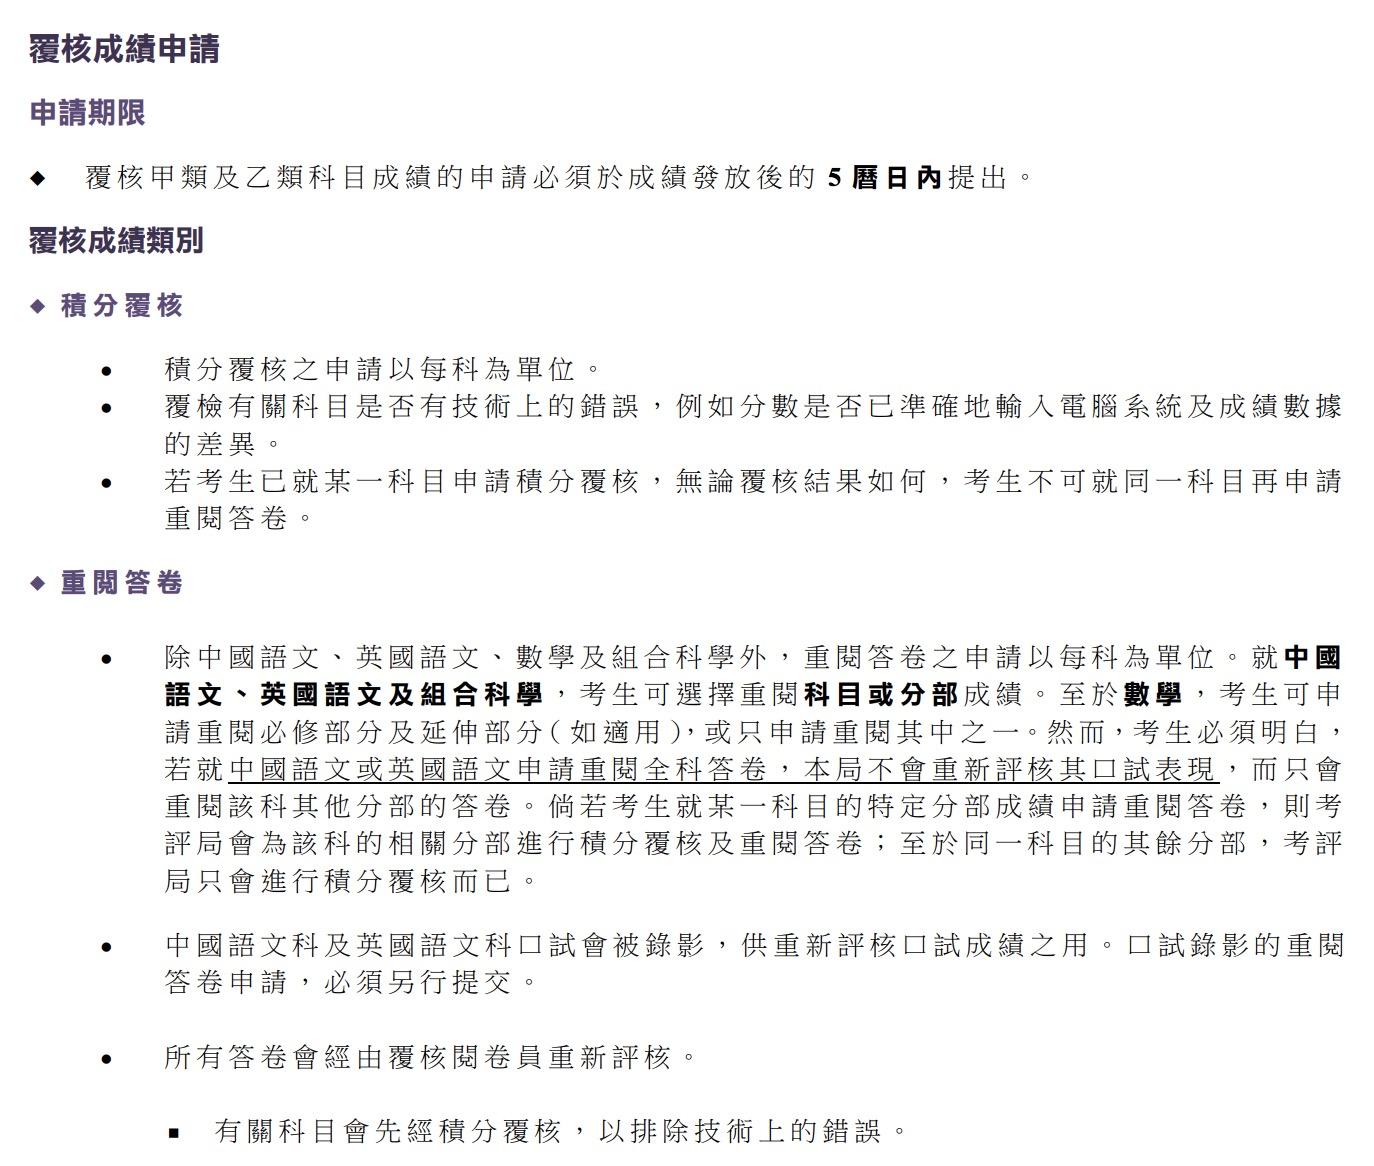 香港DSE考试关于申请复核成绩的说明,有着诸多限制